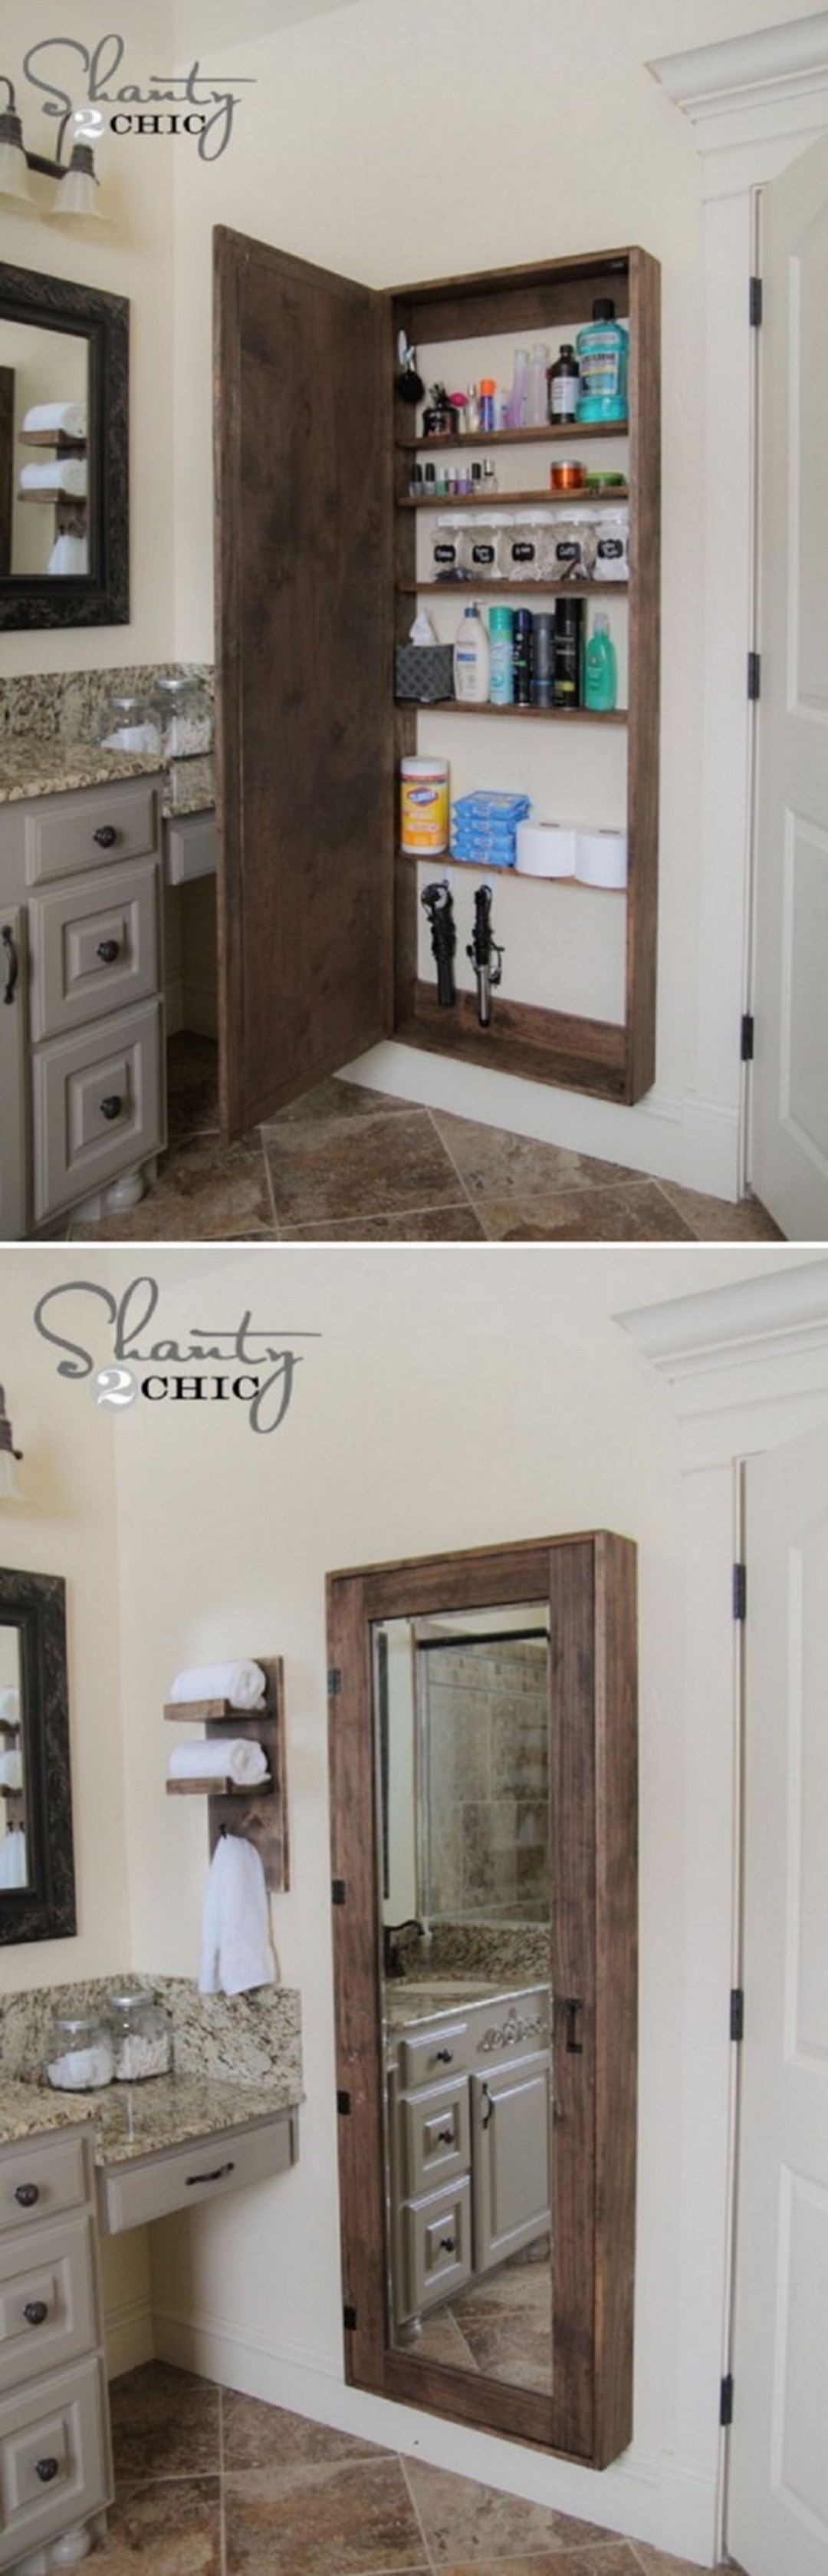 Attirant Wall Mirror With Jewelry Storage